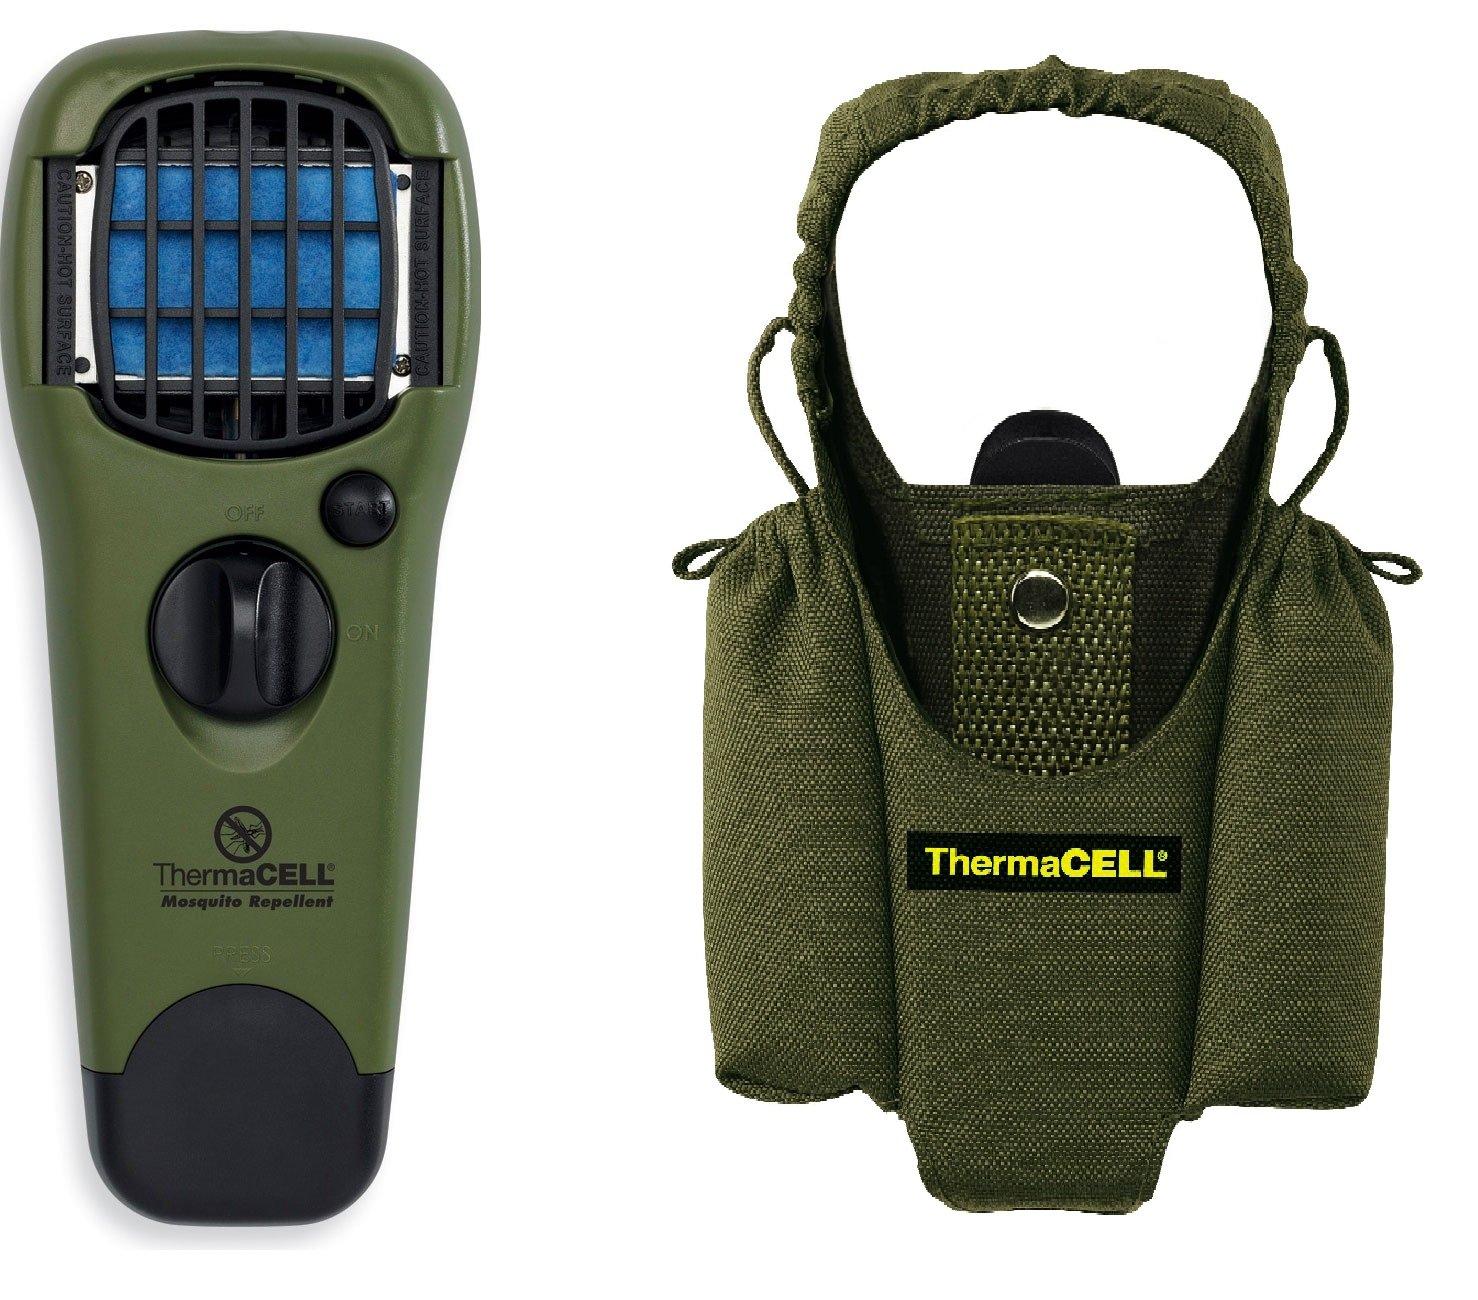 Thermacell Handgerät grün + Tragetasche grün